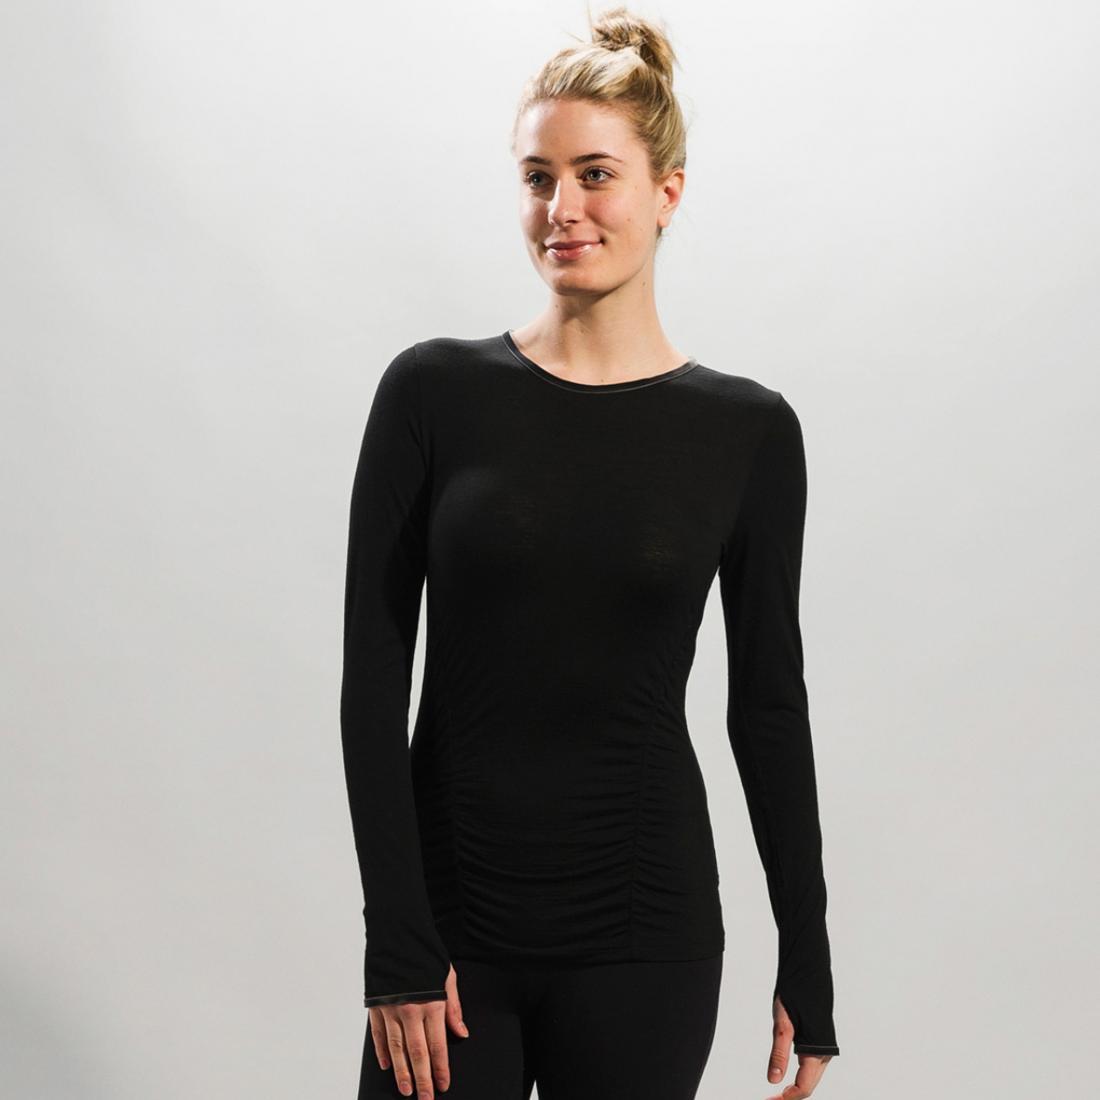 Топ LSW0752 PONDER 2 TOPФутболки, поло<br><br> Топ Ponder 2 Top LSW0752 – практичная футболка для девушек, которую можно использовать в качестве обычного лонгслива и нательного термобелья. Главным ее достоинством является материал – 100% шерсть мериноса, отличающаяся великолепными терморегулиру...<br><br>Цвет: Черный<br>Размер: L